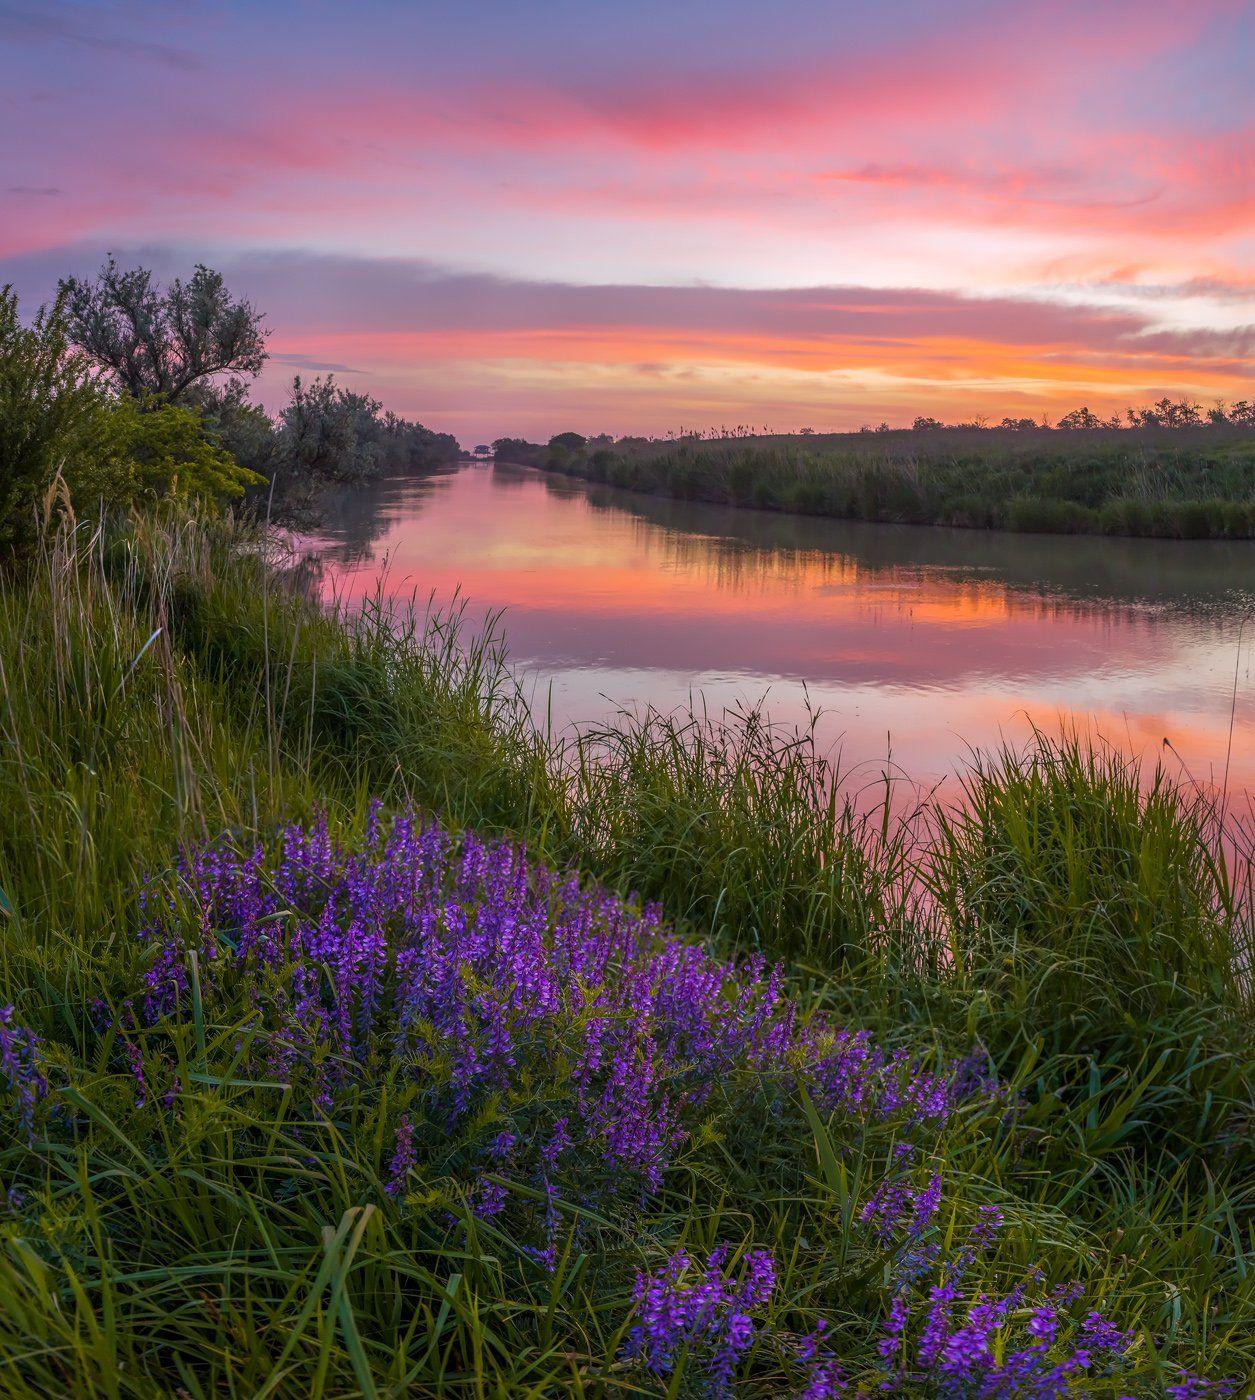 pentax645z, pentaxrussia, pentax, ставропольский край,  путешествие, фотоальбом, цветы, природа, рассвет, облака, горошек, луг, трава, канал, река,, Лашков Фёдор